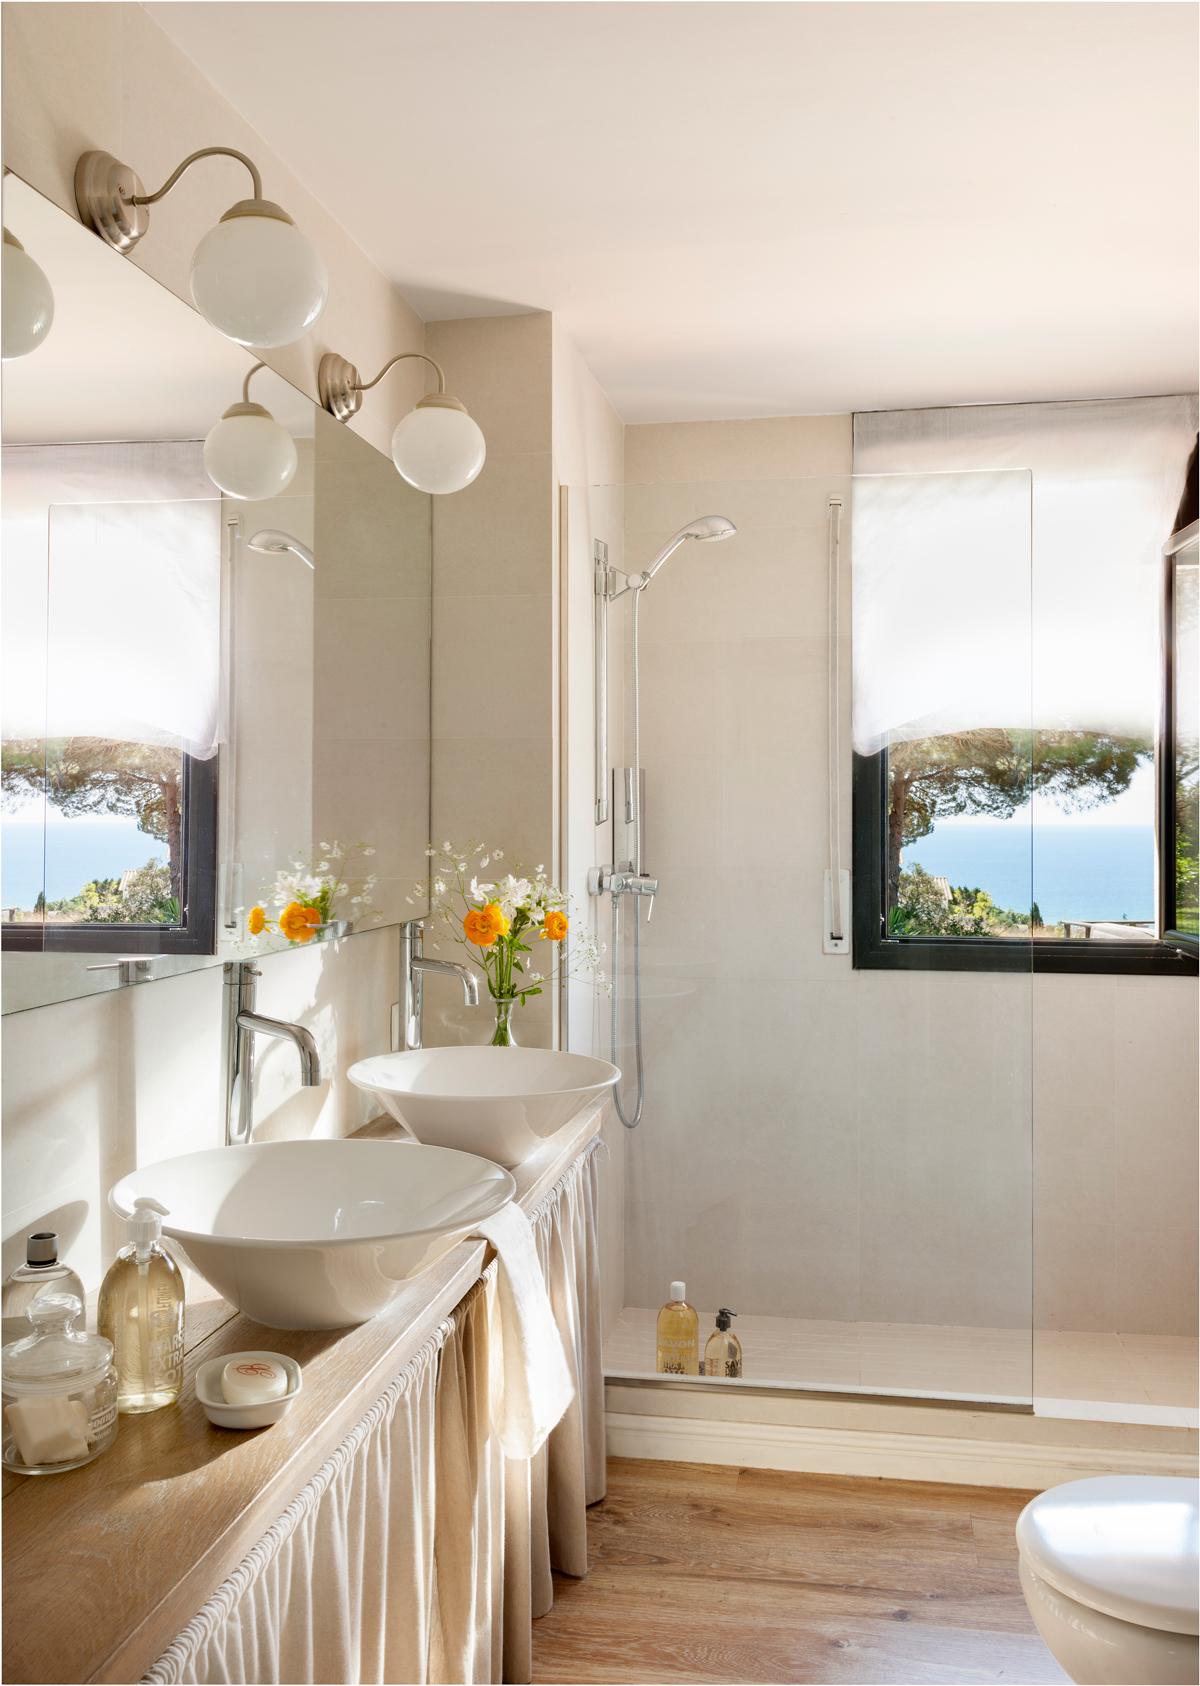 Cortinas de ducha zara home beautiful excellent cortinas - Cortinas salon zara home ...